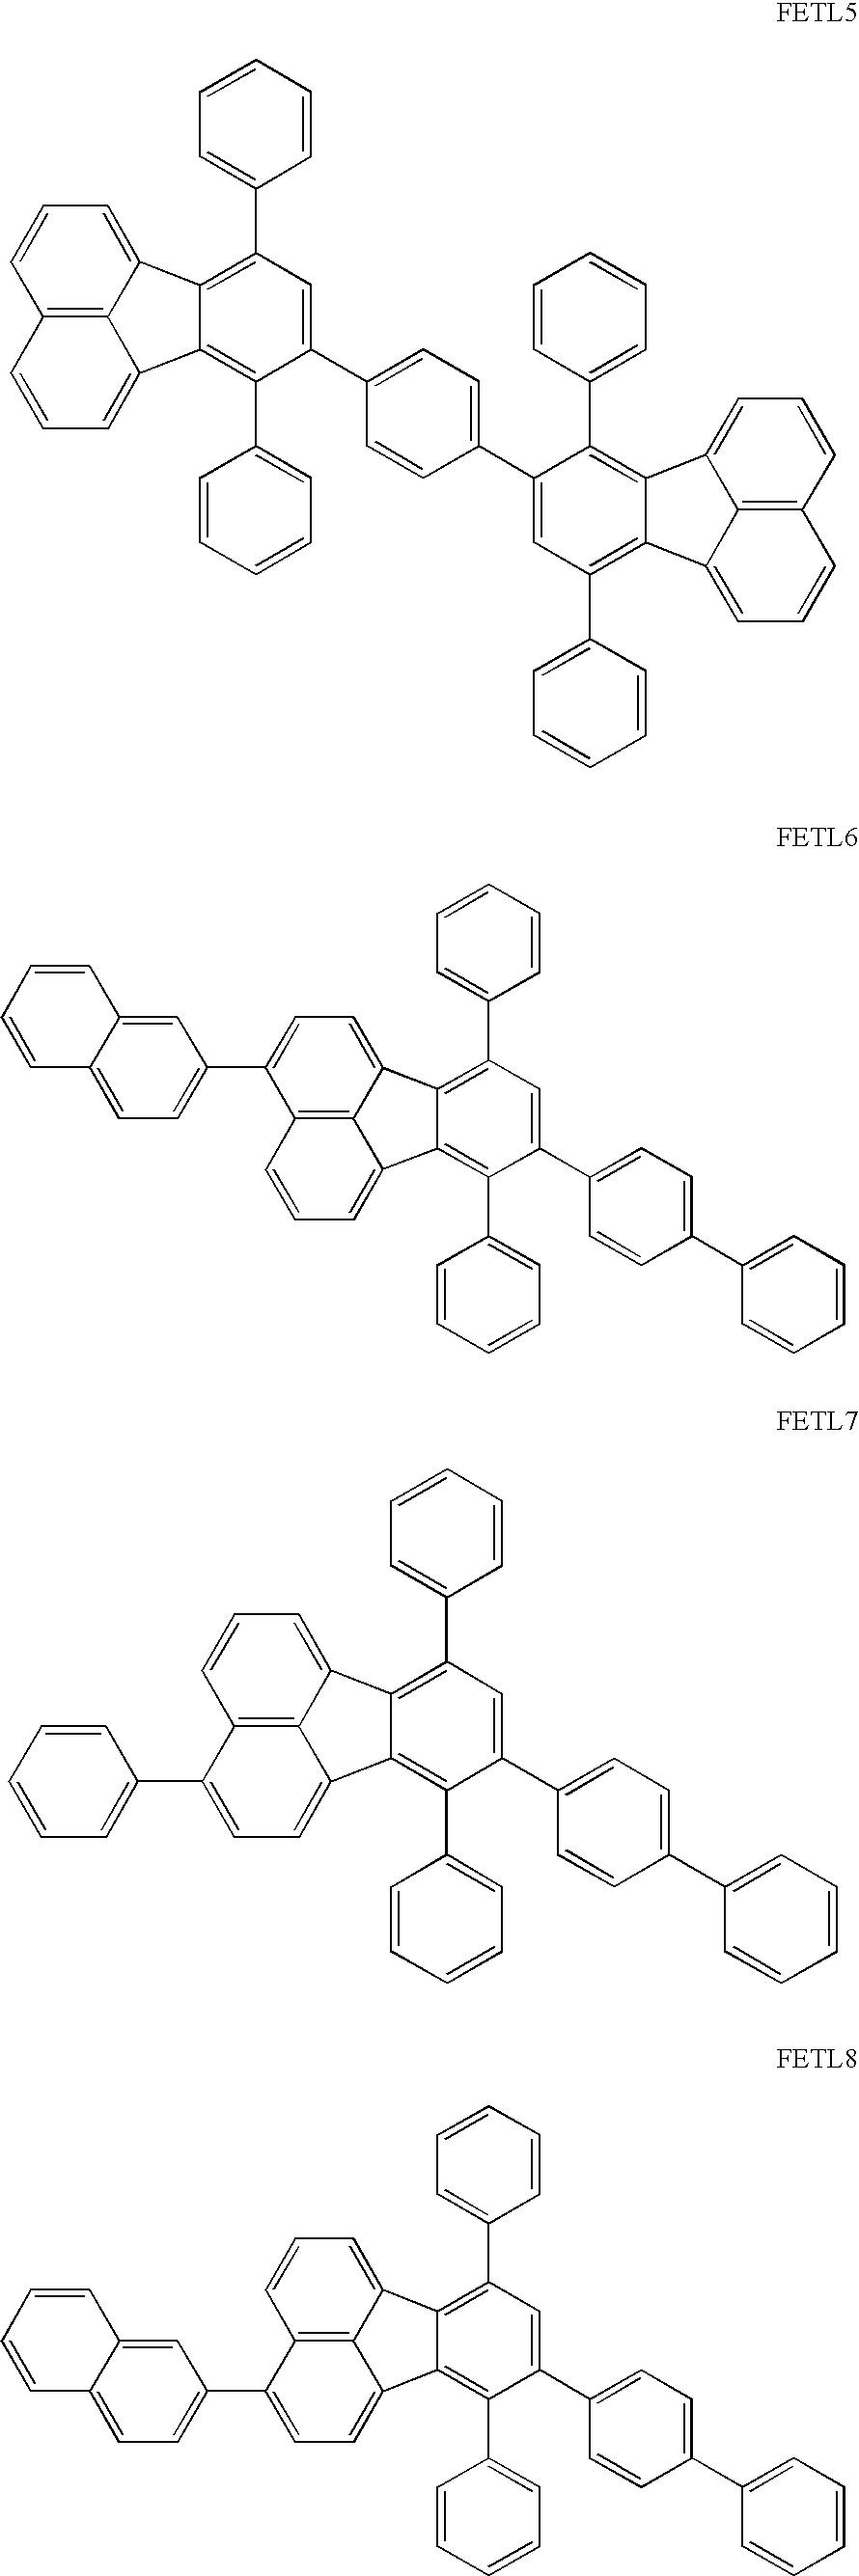 Figure US20090162612A1-20090625-C00025